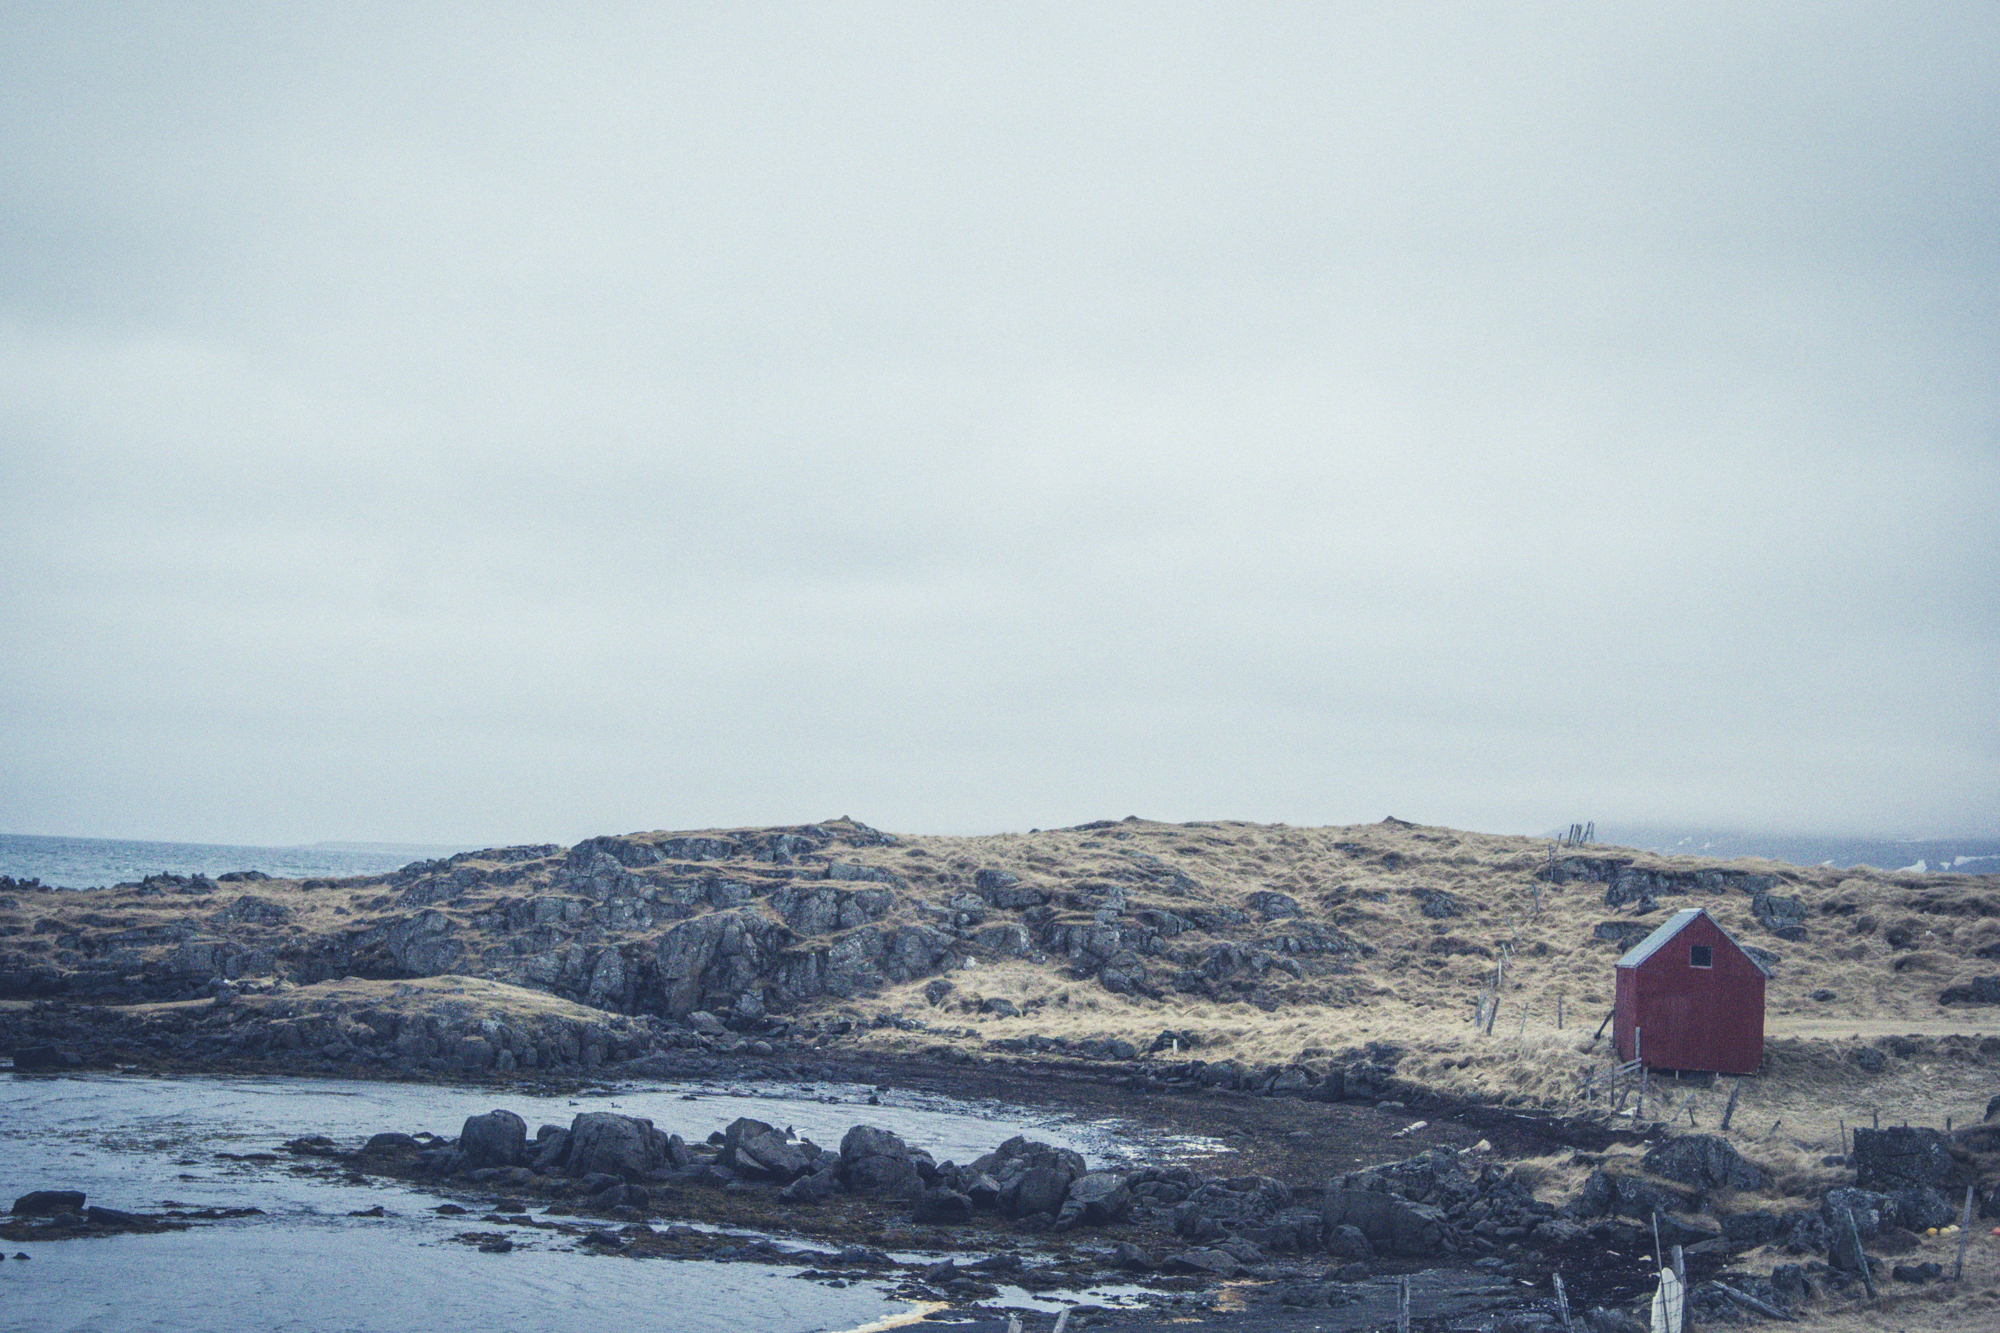 Forgotten-SeasideShackForsaken-HEYDT.jpg